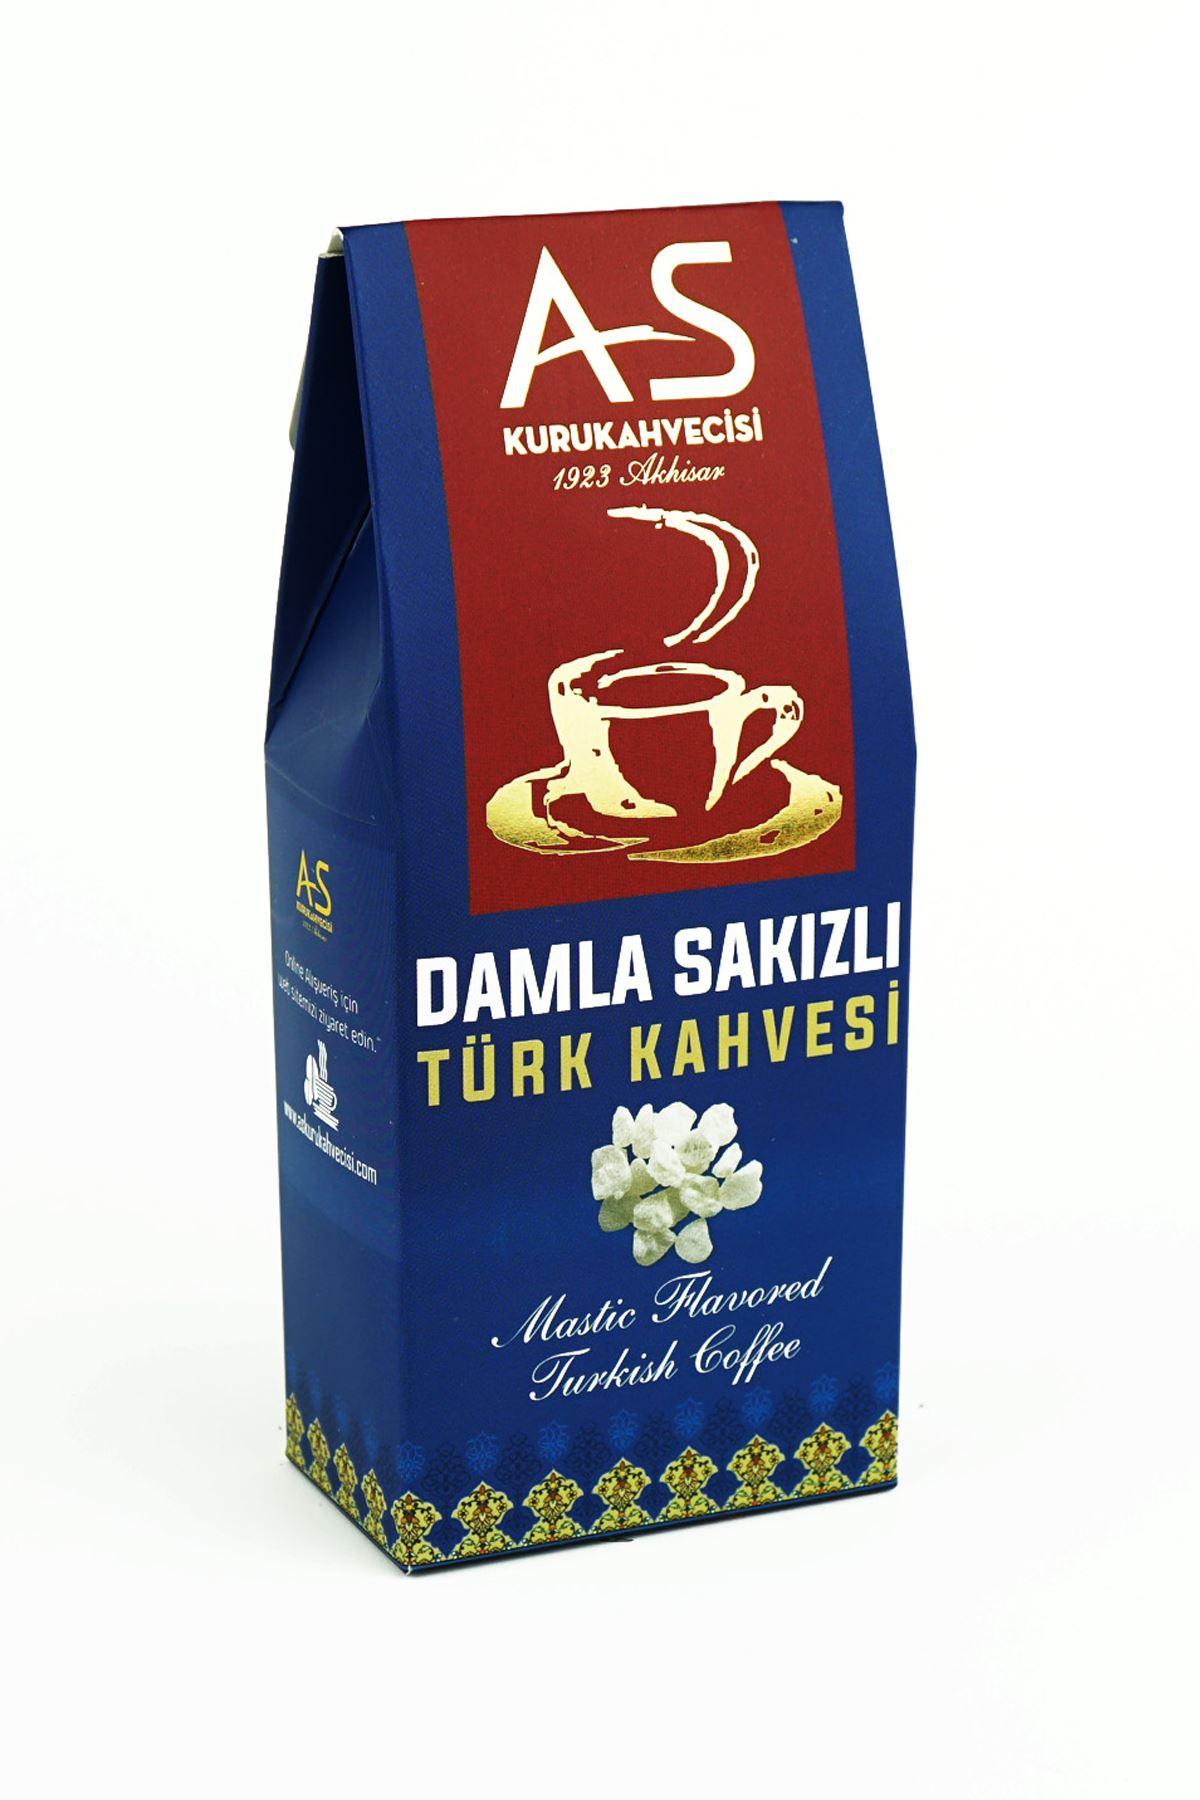 Damla Sakızlı Türk Kahvesi 100 gr. Kutu